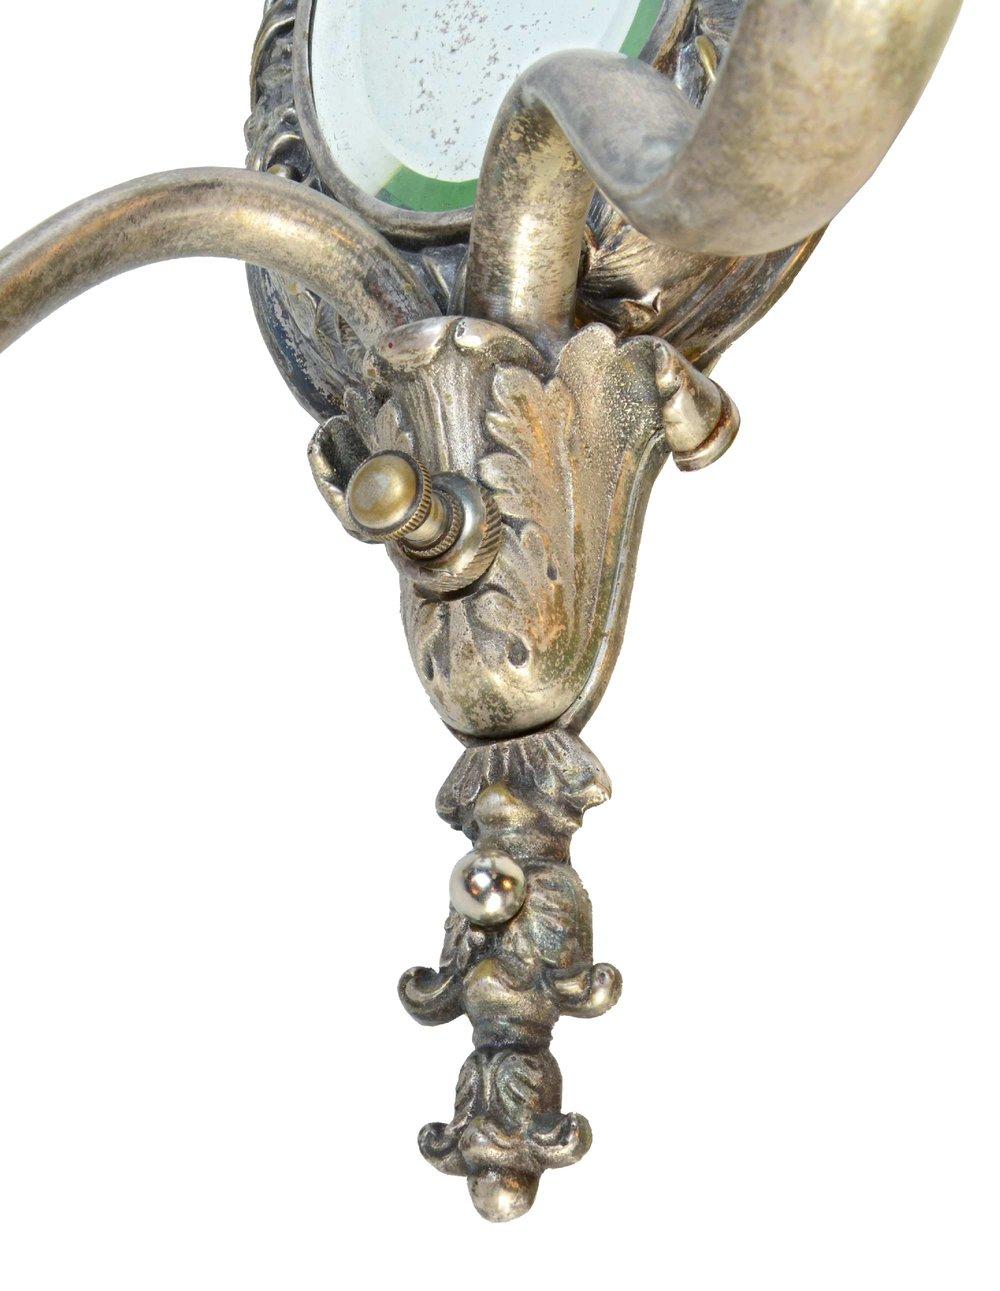 46800-moran-hastings-silver-mirror-sconce-bottom-detail.jpg